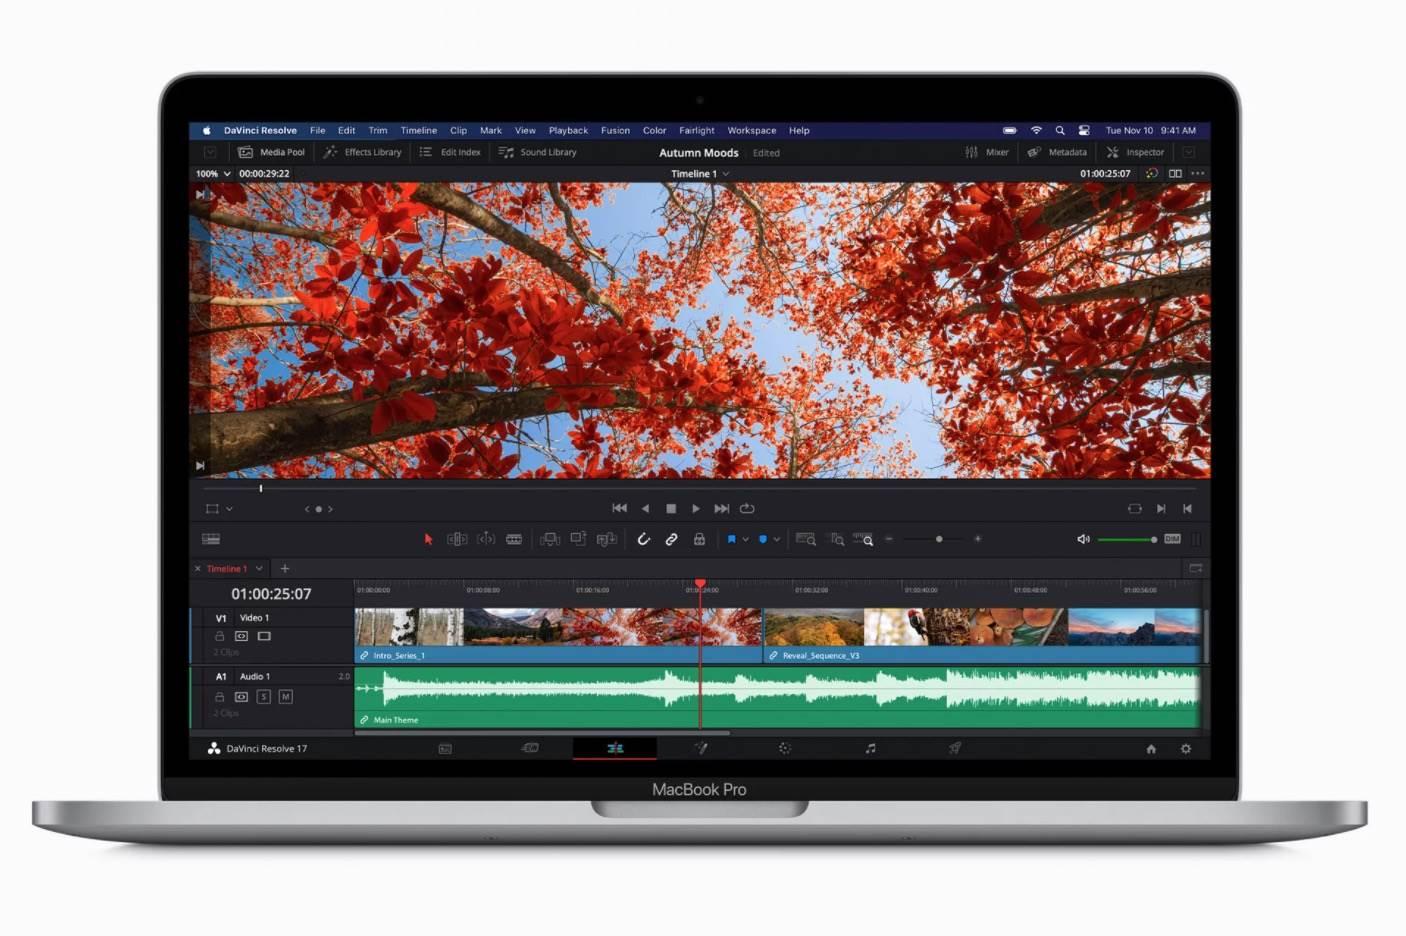 Nowy 13-calowy MacBook Pro z chipem M1 oficjalnie zaprezentowany polecane, ciekawostki MacBook Pro z czipem M1, MacBook Pro, M1, Apple  Wczoraj oprócz MacBook Air 2020, Apple zaprezentowało światu także nowego 13-calowego MacBook Pro z czipem M1. 1@2x 15